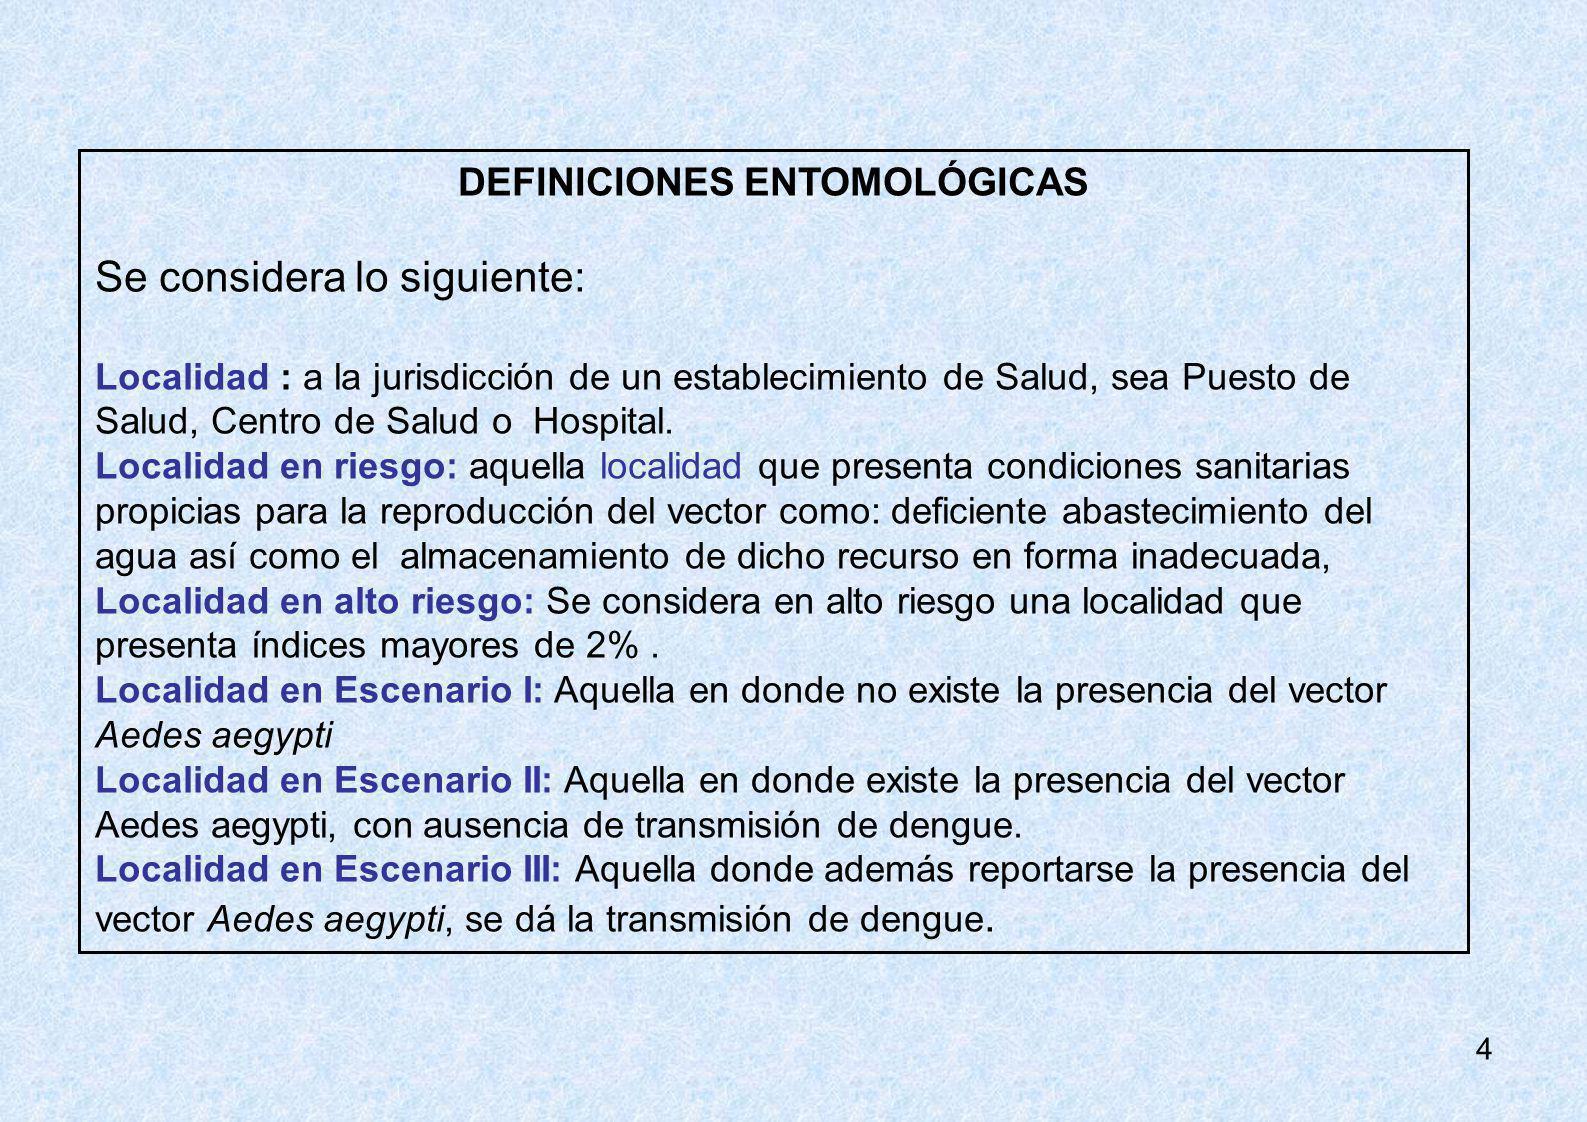 DEFINICIONES ENTOMOLÓGICAS